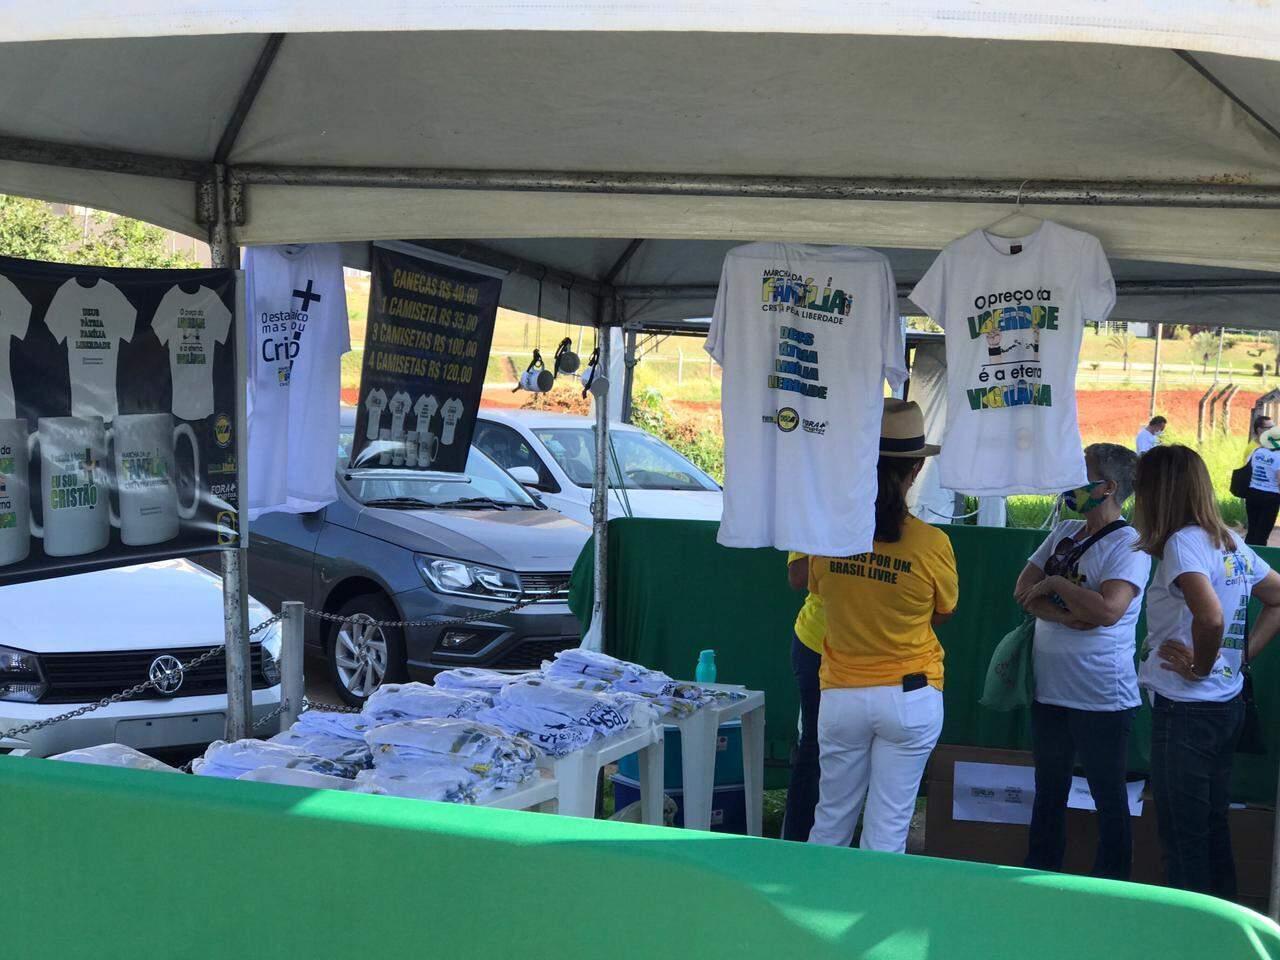 Barraca com vendas de camisetas. (Foto: Ana Paula Chuva)